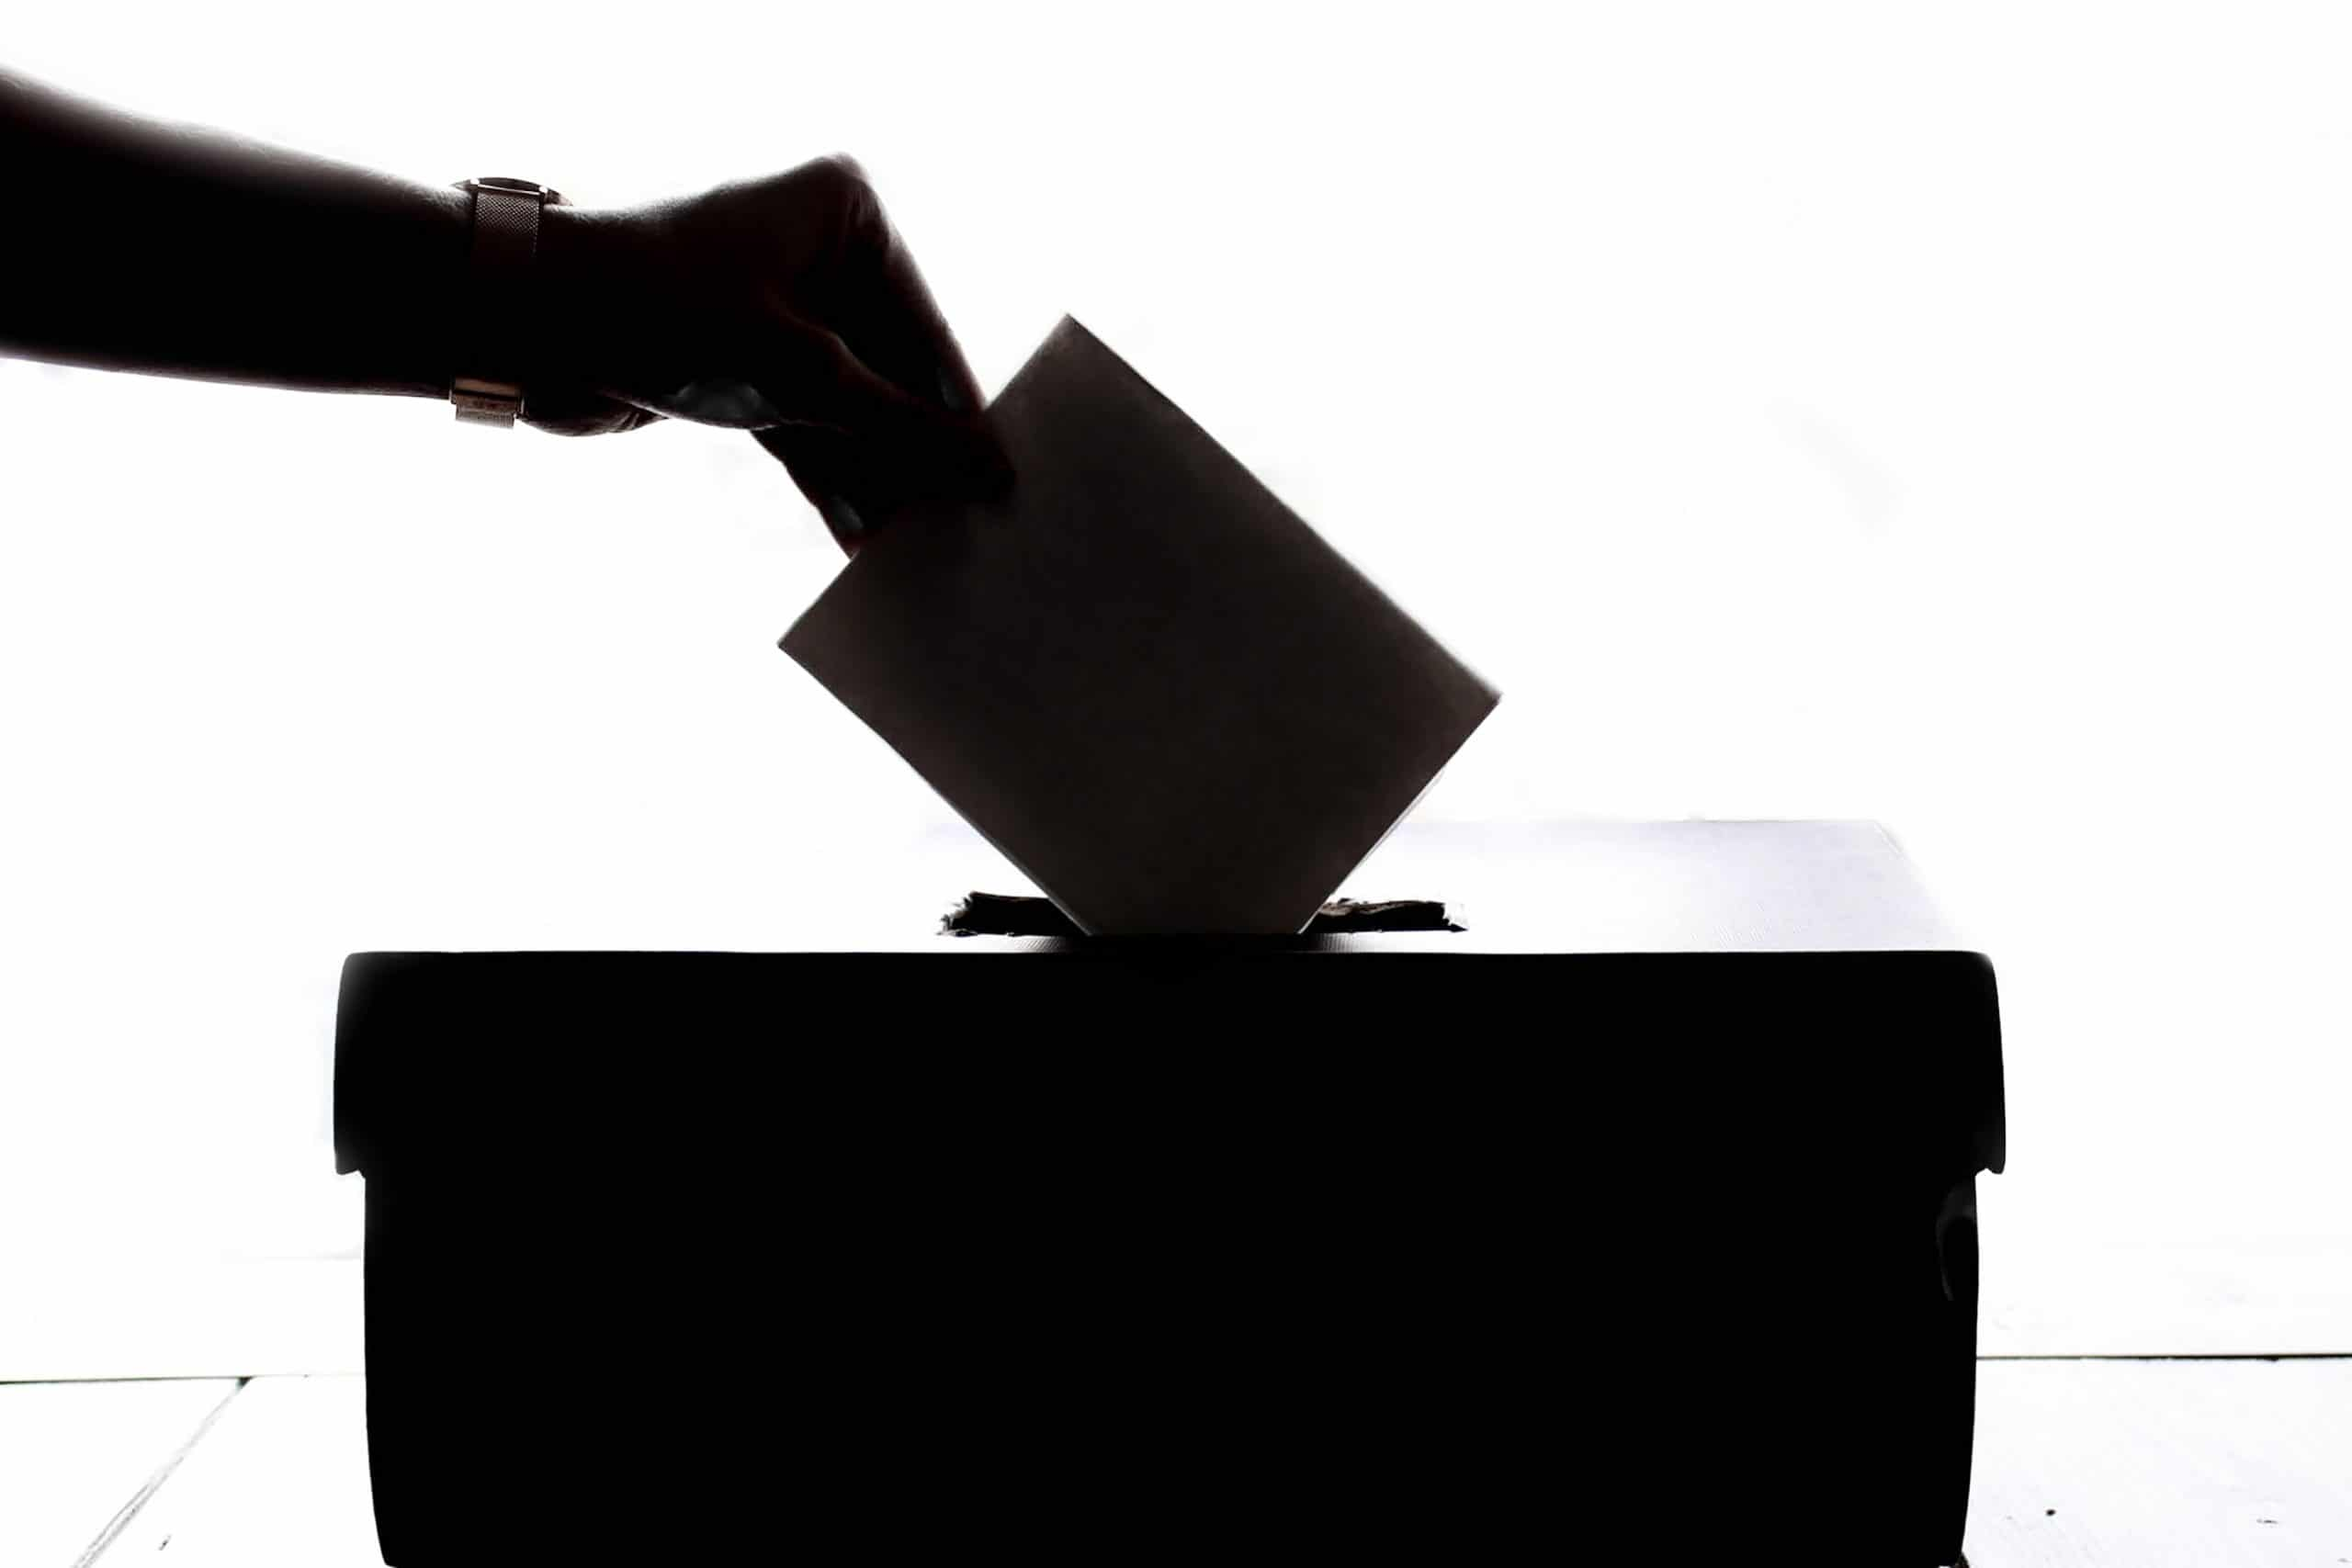 Pessoa depositando seu voto na urna. A mão, o voto e a urna estão na sombra, enquanto o foco de luz da imagem vem do fundo.